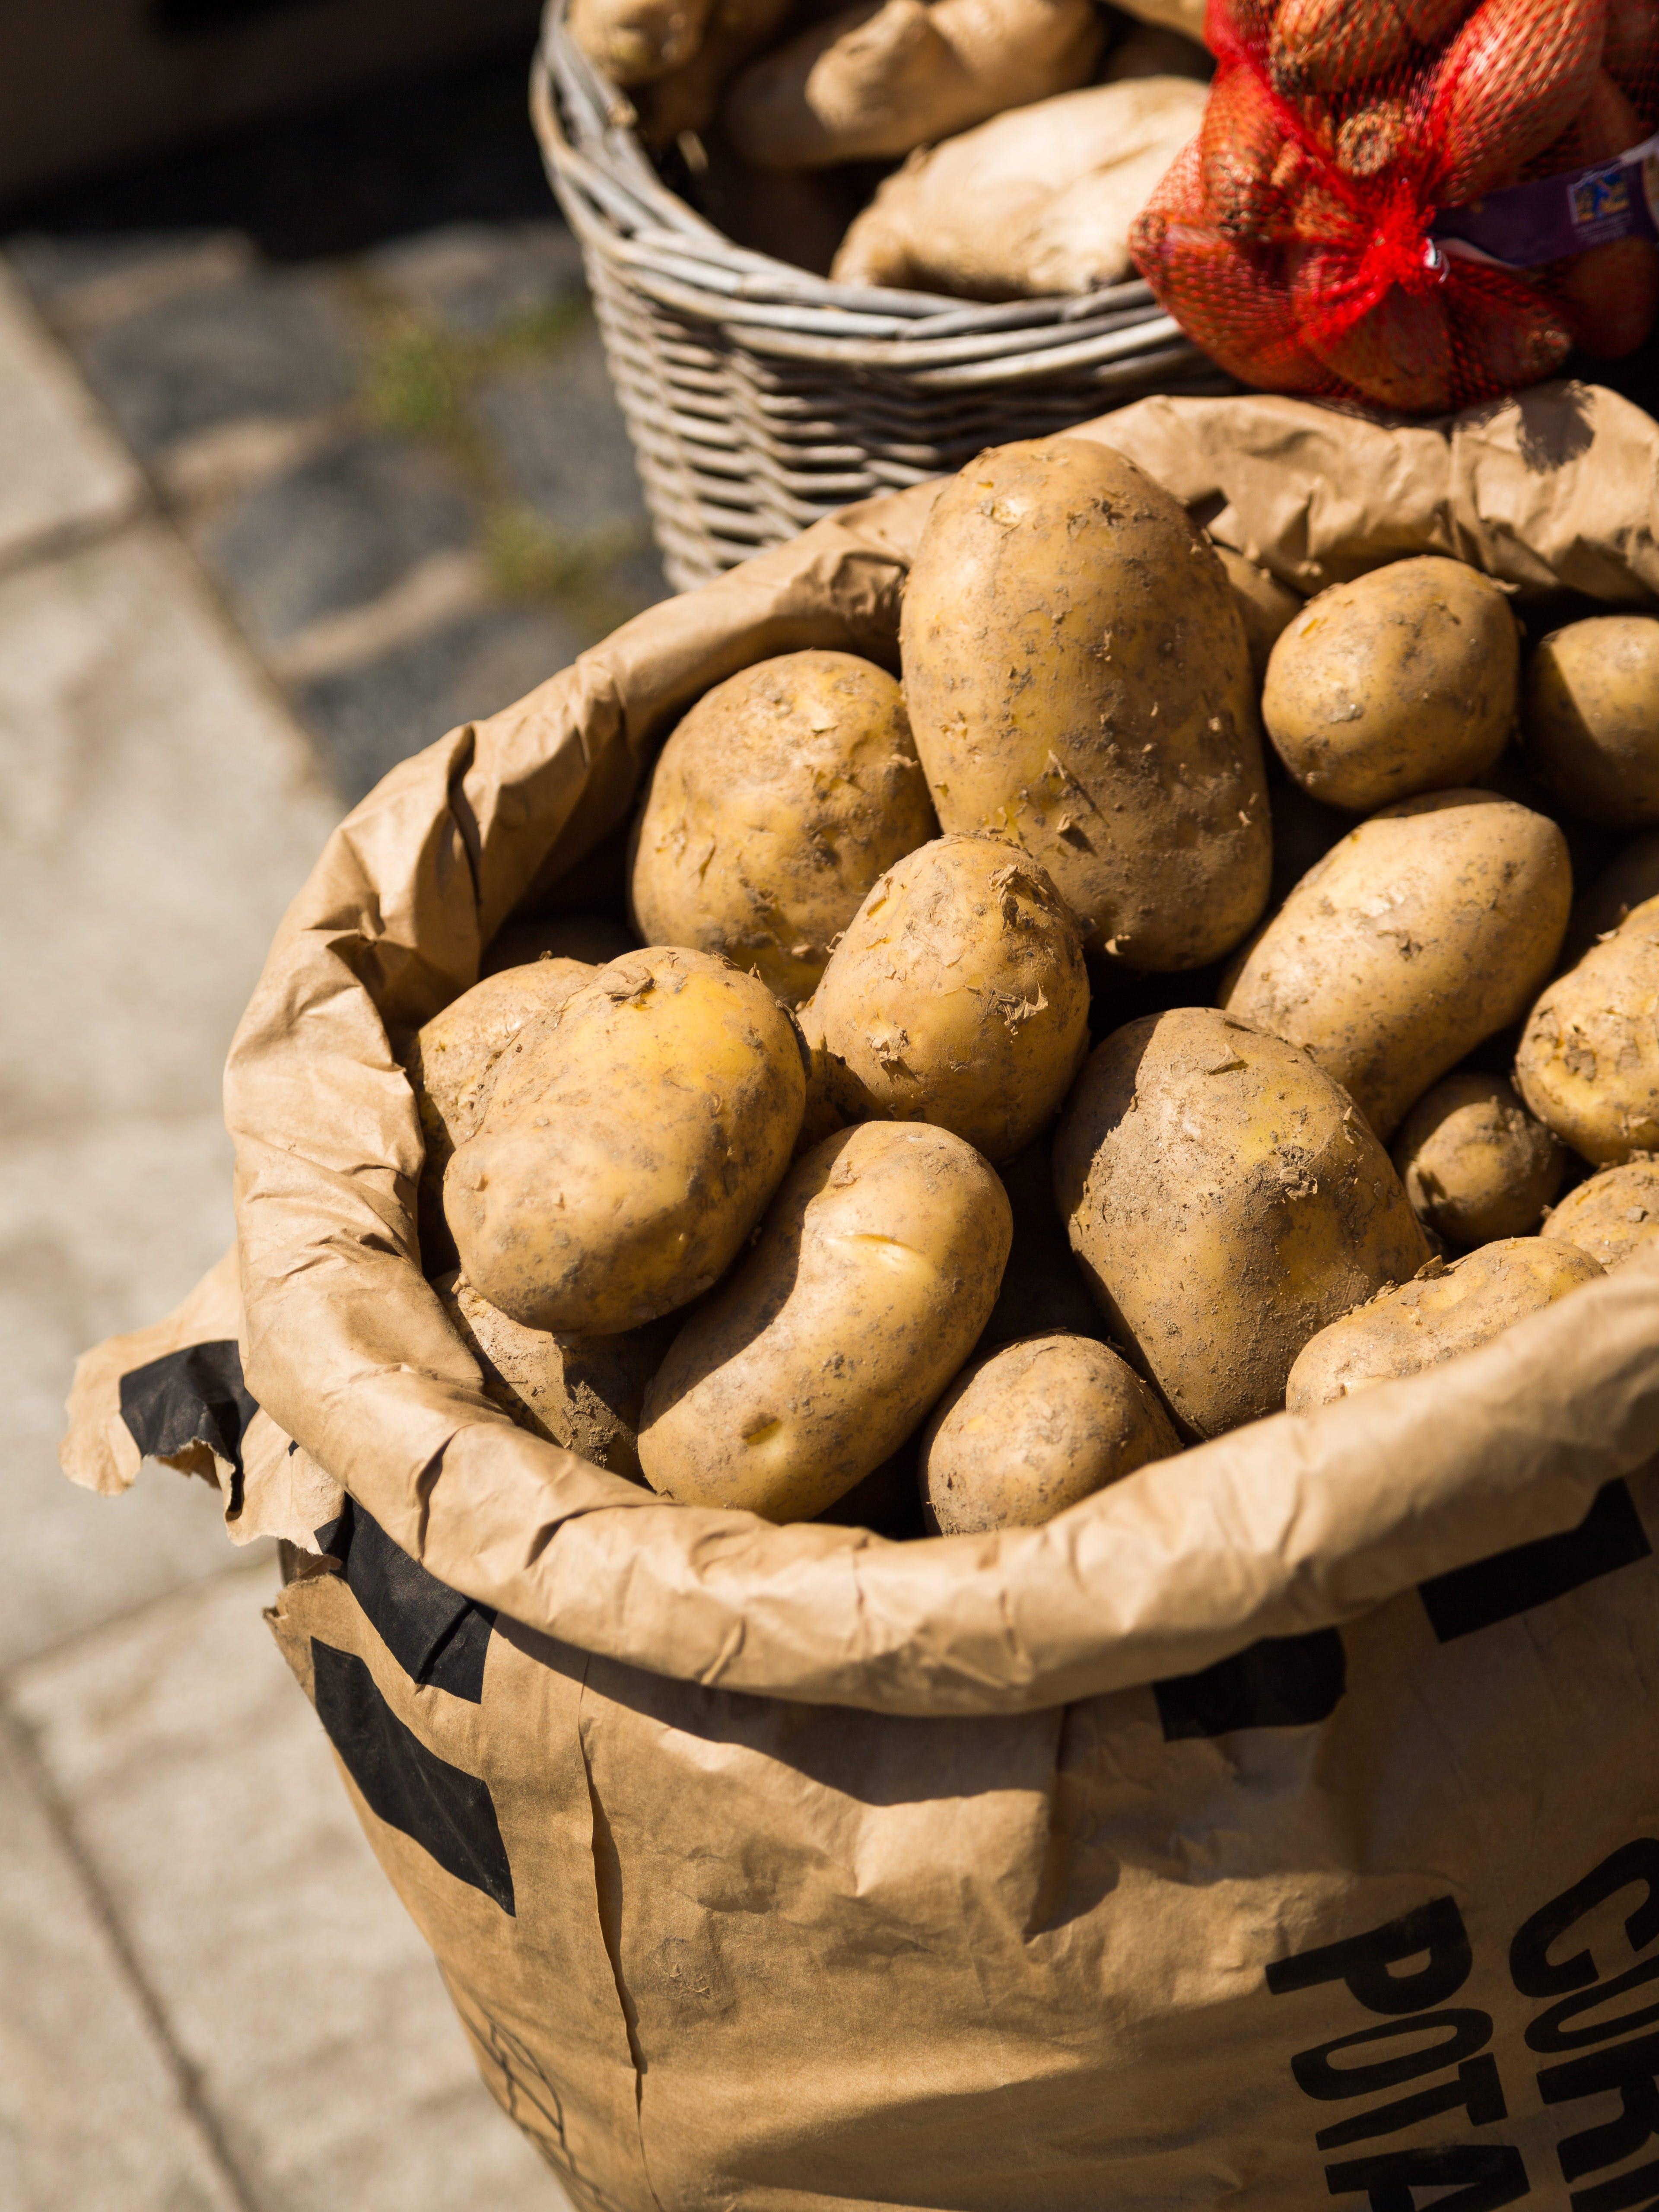 Foto d'estoc gratuïta de fruiteria, menjar, patates, sac